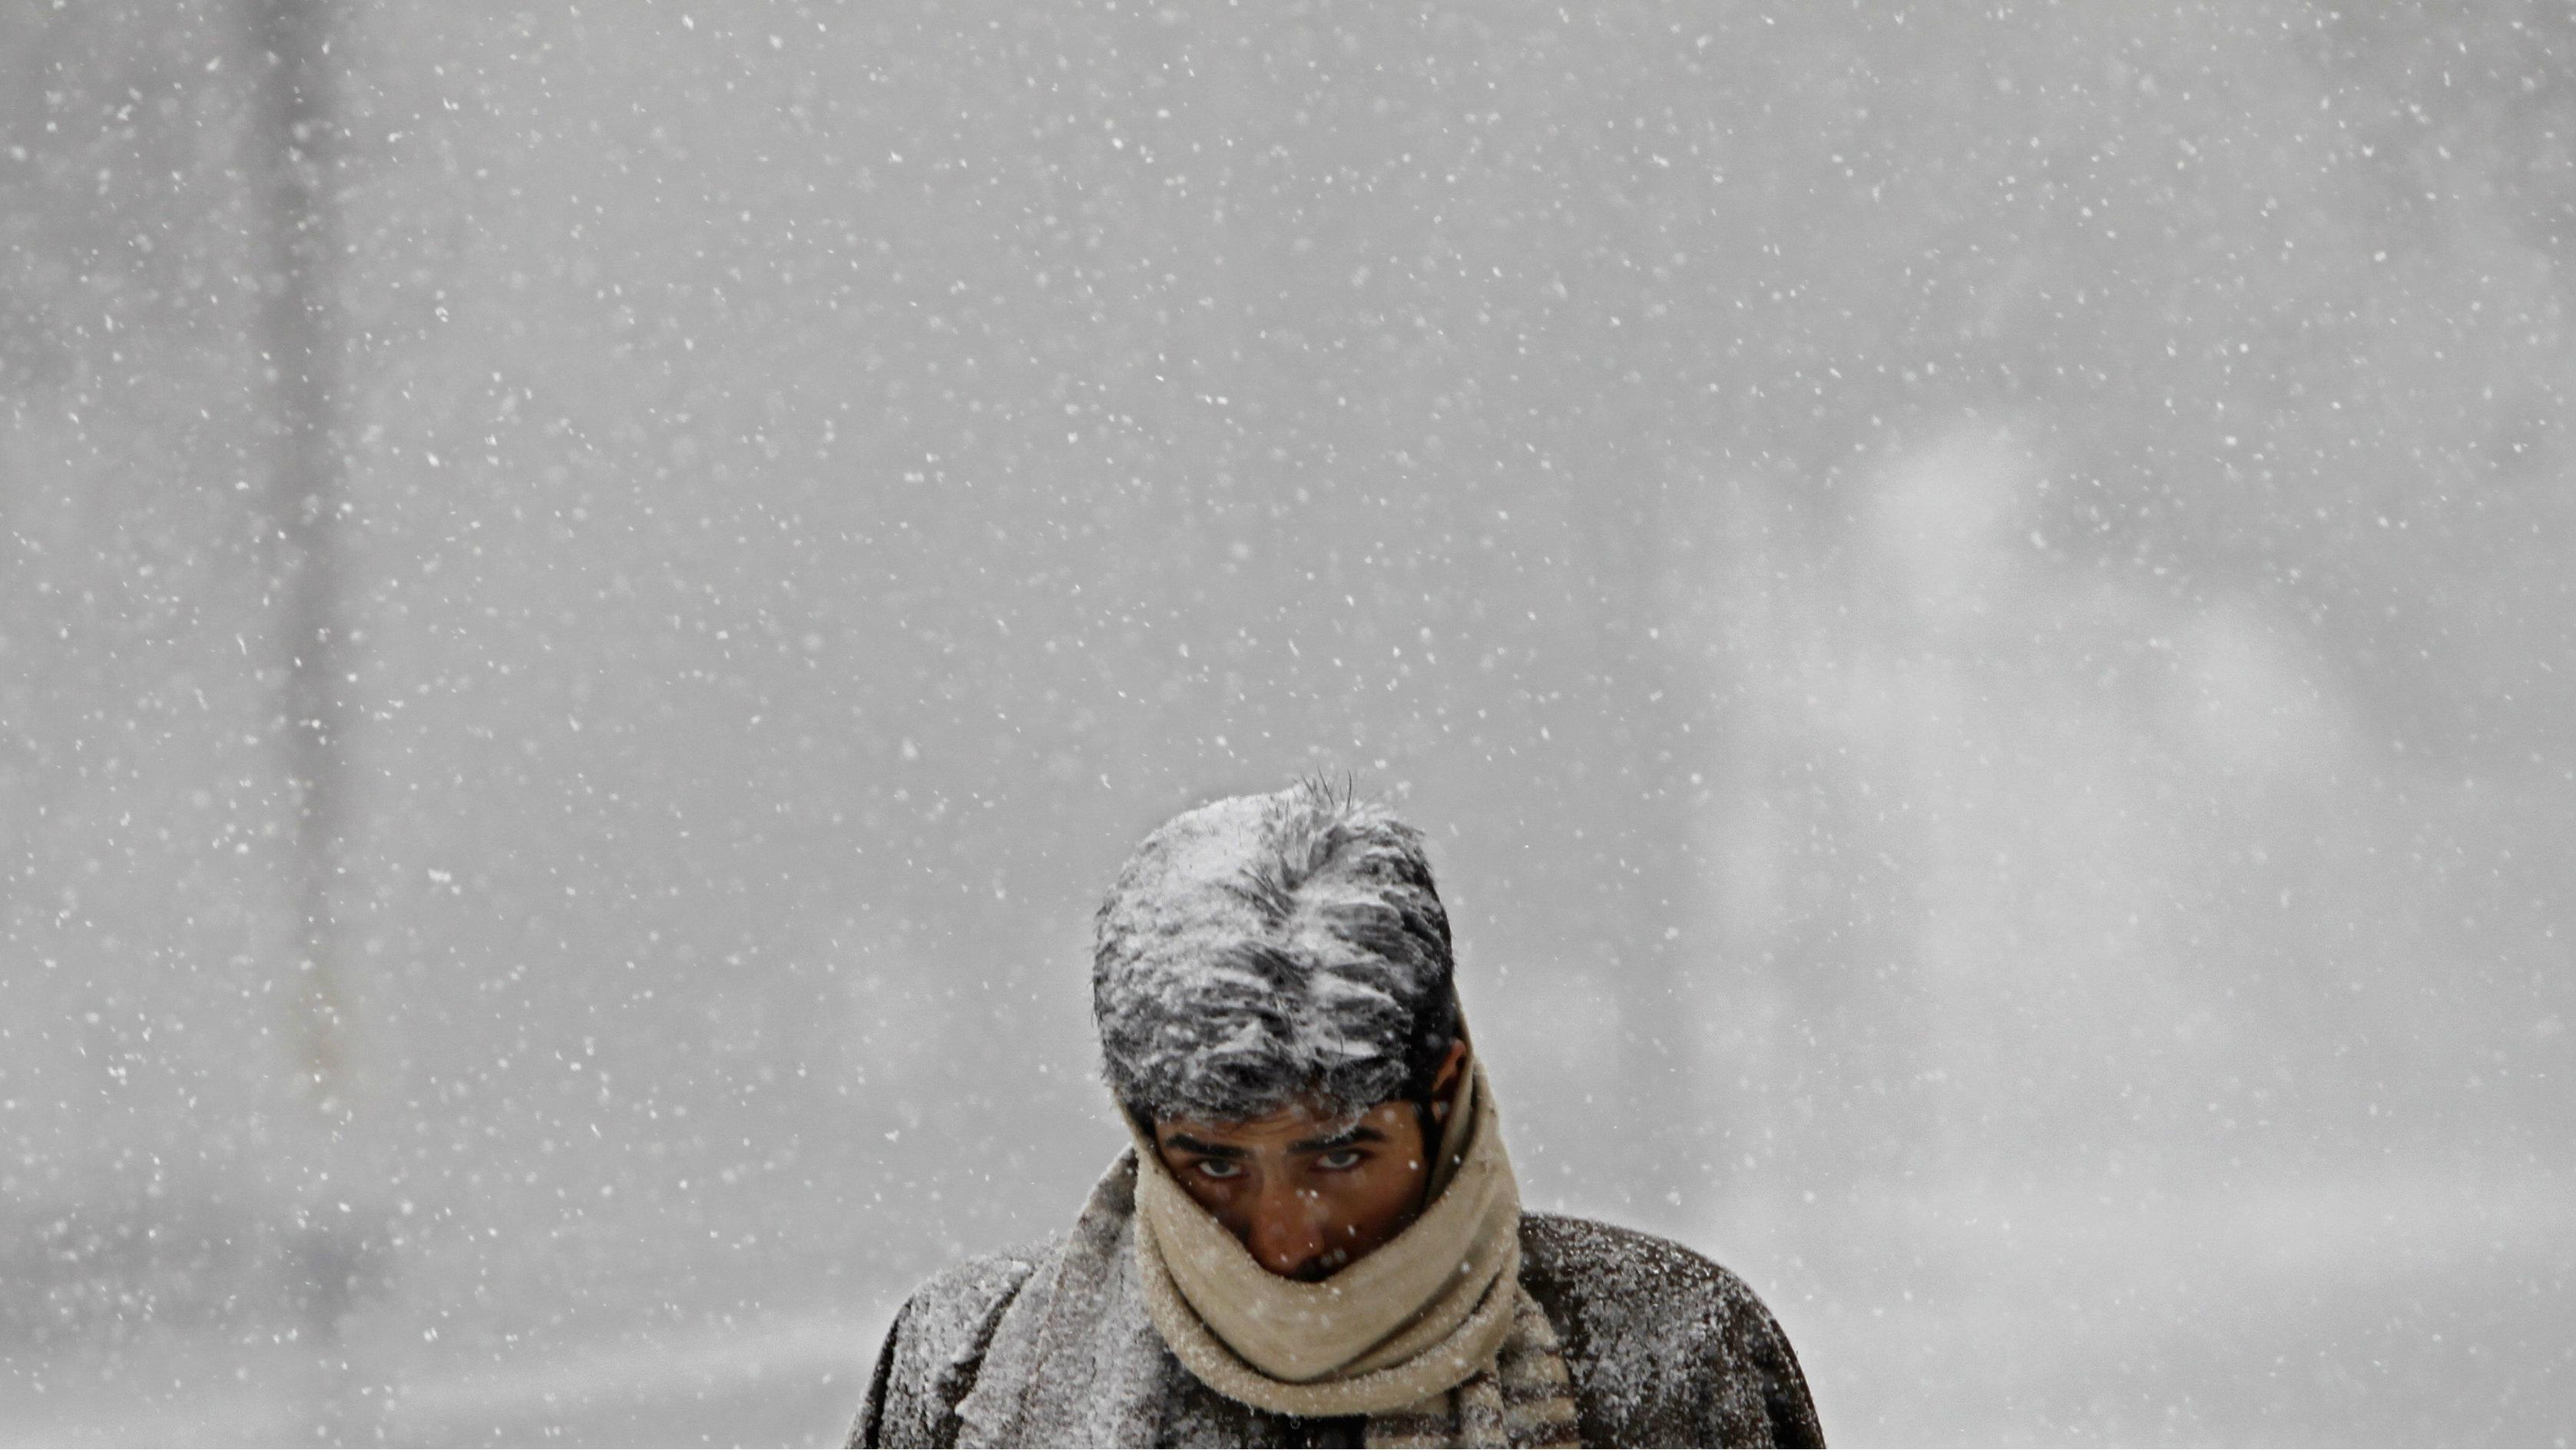 A Kashmiri man walks along a road during a snowfall in Srinagar.